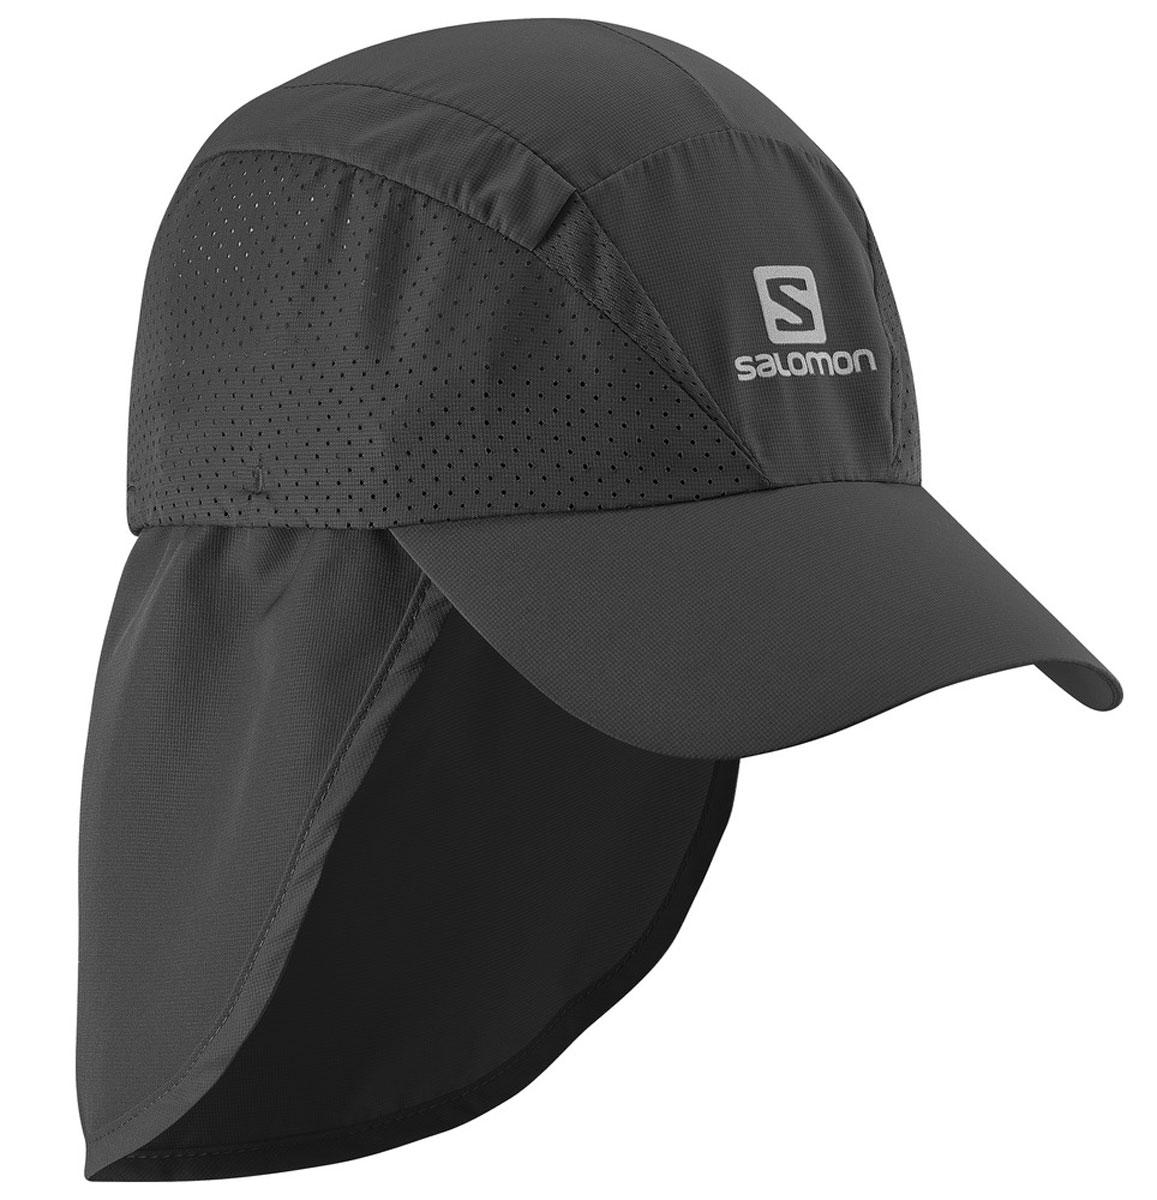 Кепка Salomon Cap Xa+, цвет: черный. L37929300. Размер L/XL (59)L37929300Новый лаконичный силуэт, низкий вес и хорошая вентиляция: кепка XACap быстро сохнет, сохраняя чувство свежести и комфорта во время беге. Дополнительная защита шеи от прямых солнечных лучей.